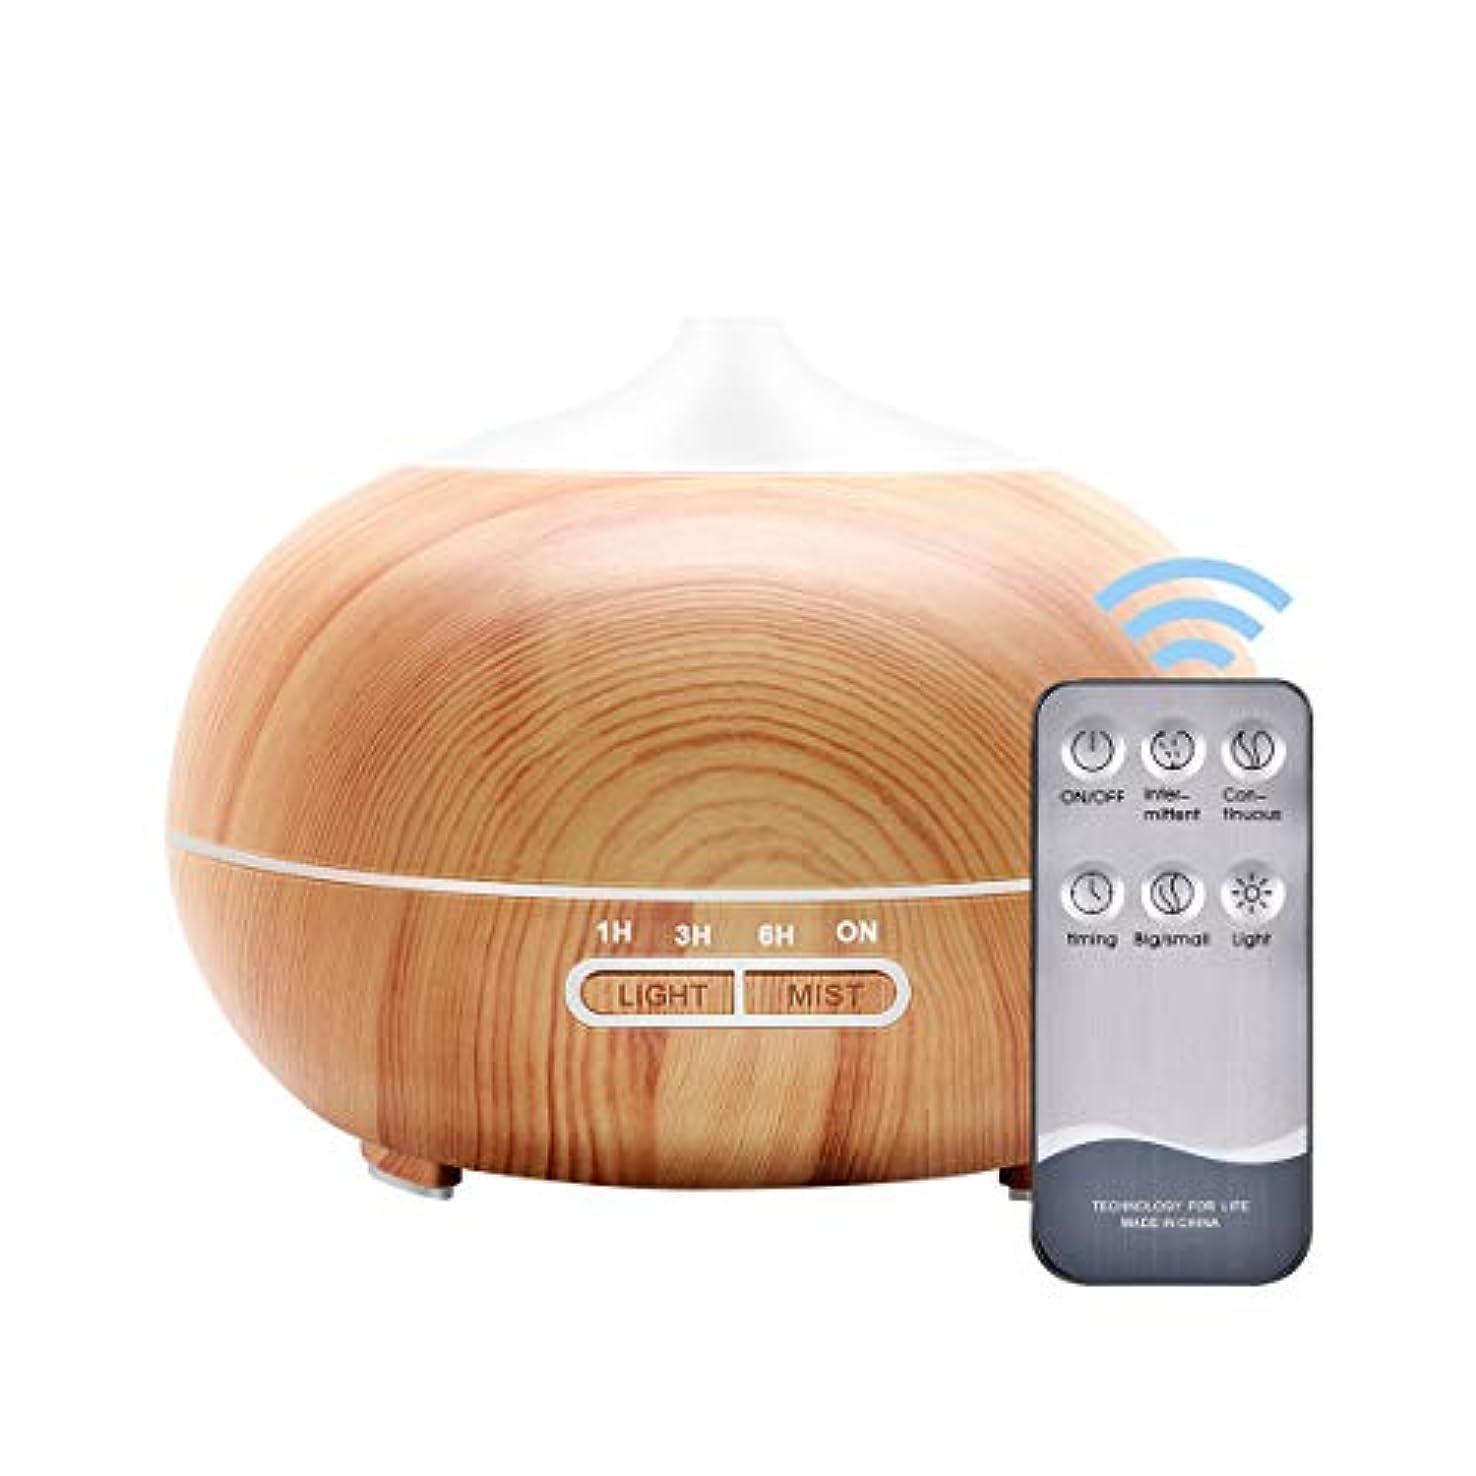 お手伝いさん連続した見物人Healifty Essential Oil Diffuser Aroma Essential Oil Cool Mist Humidifier Remote Control Aromatherapy Diffuser with JP Plug